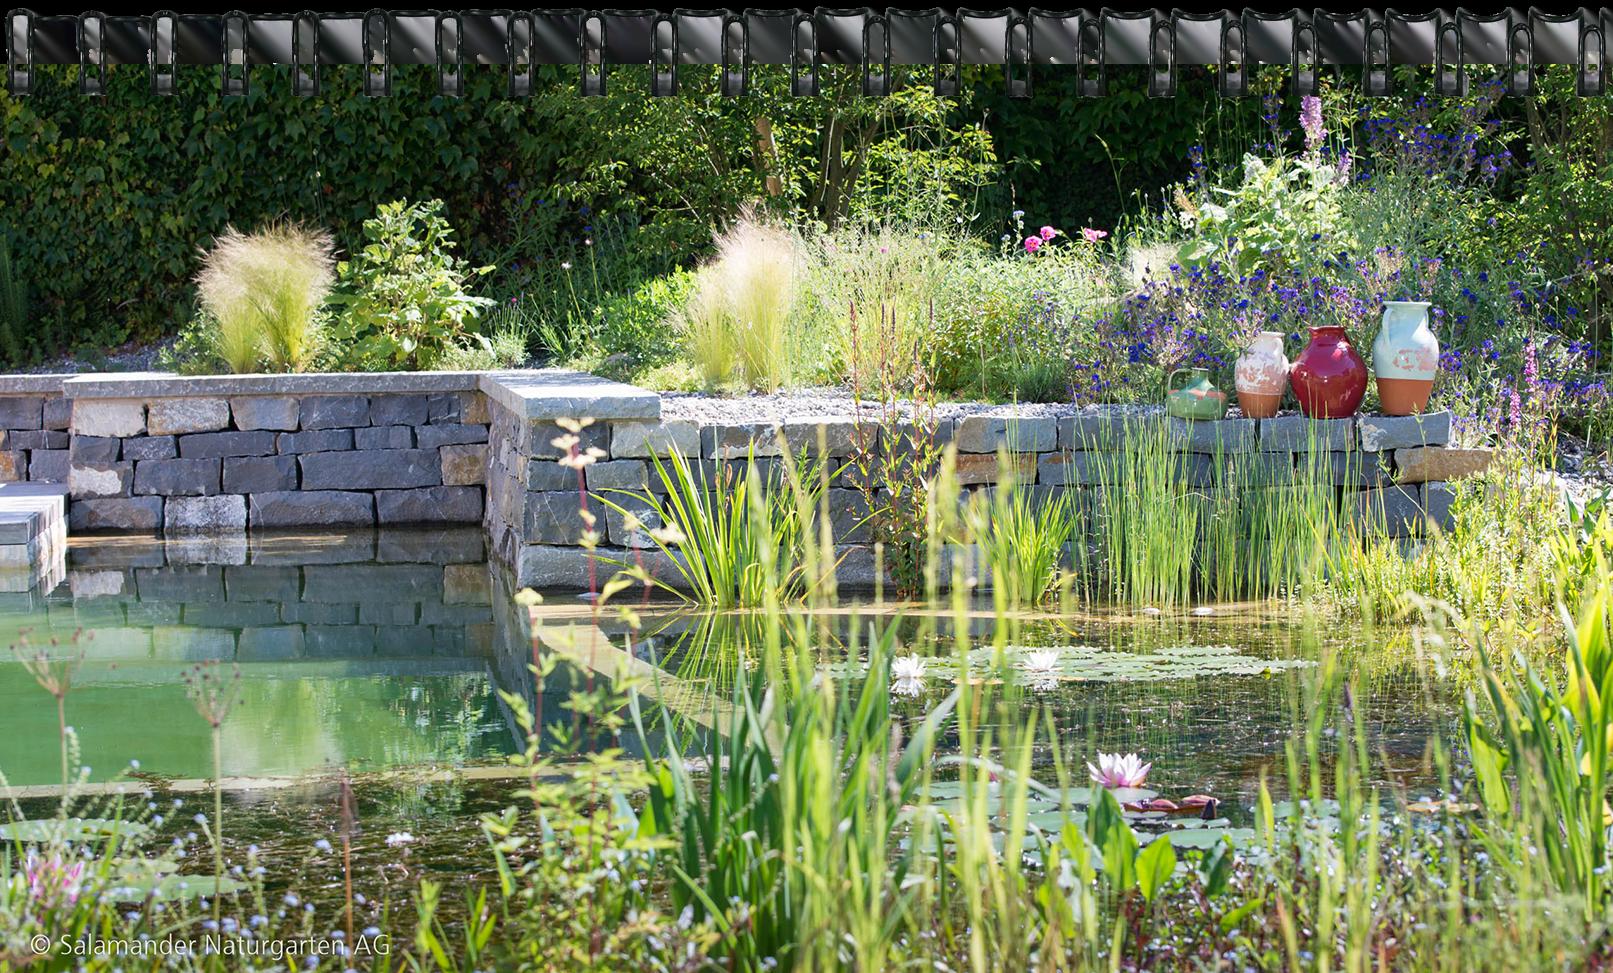 Ihr gartenbau spezialist salamander naturgarten ag for Garten schwimmteich